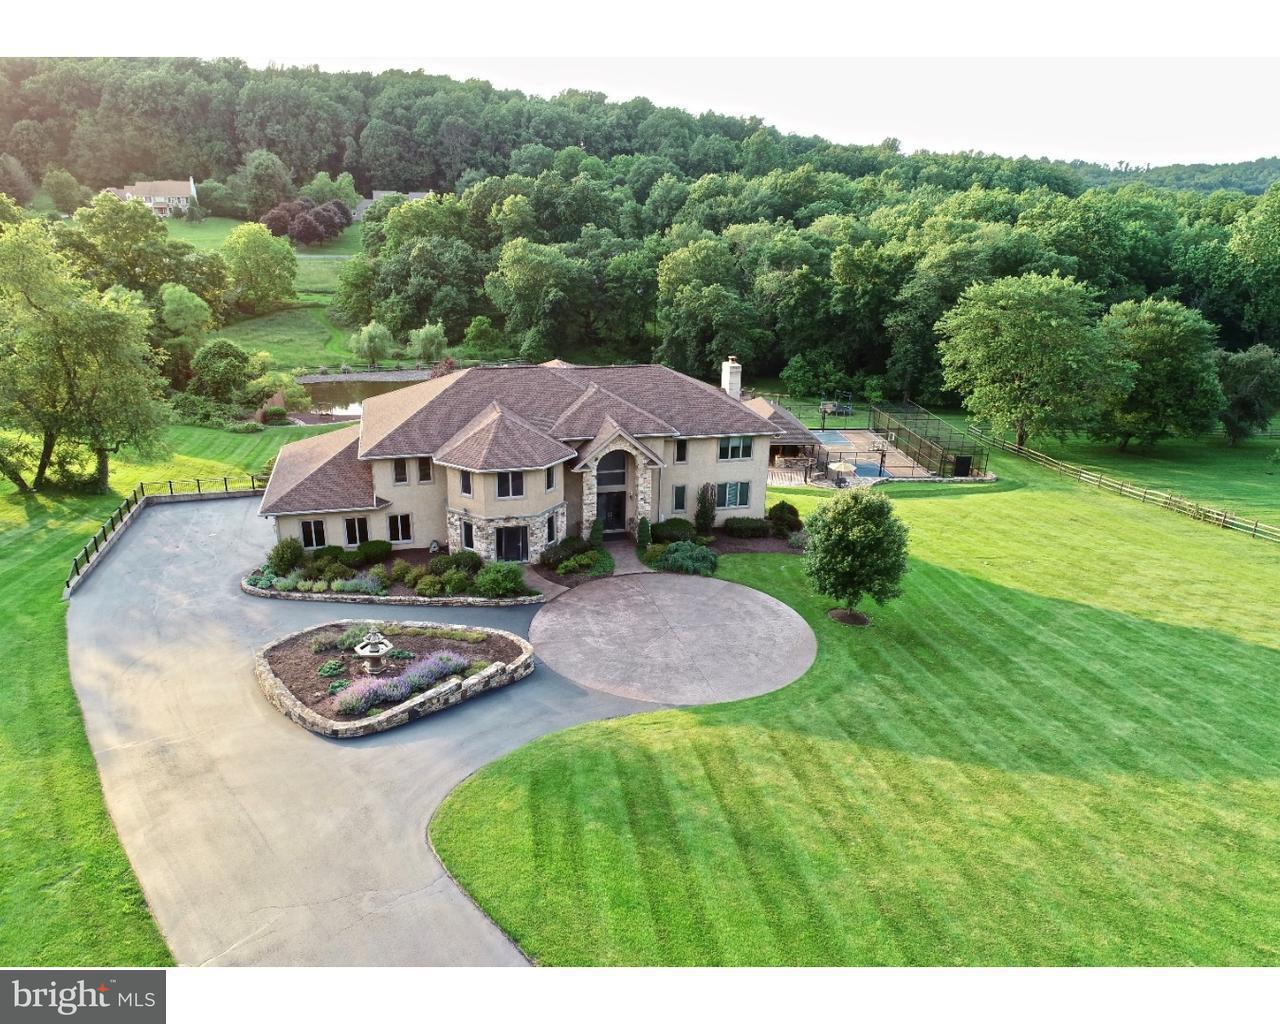 独户住宅 为 销售 在 2439 MALEHORN Road 切斯特斯普林斯, 宾夕法尼亚州 19425 美国